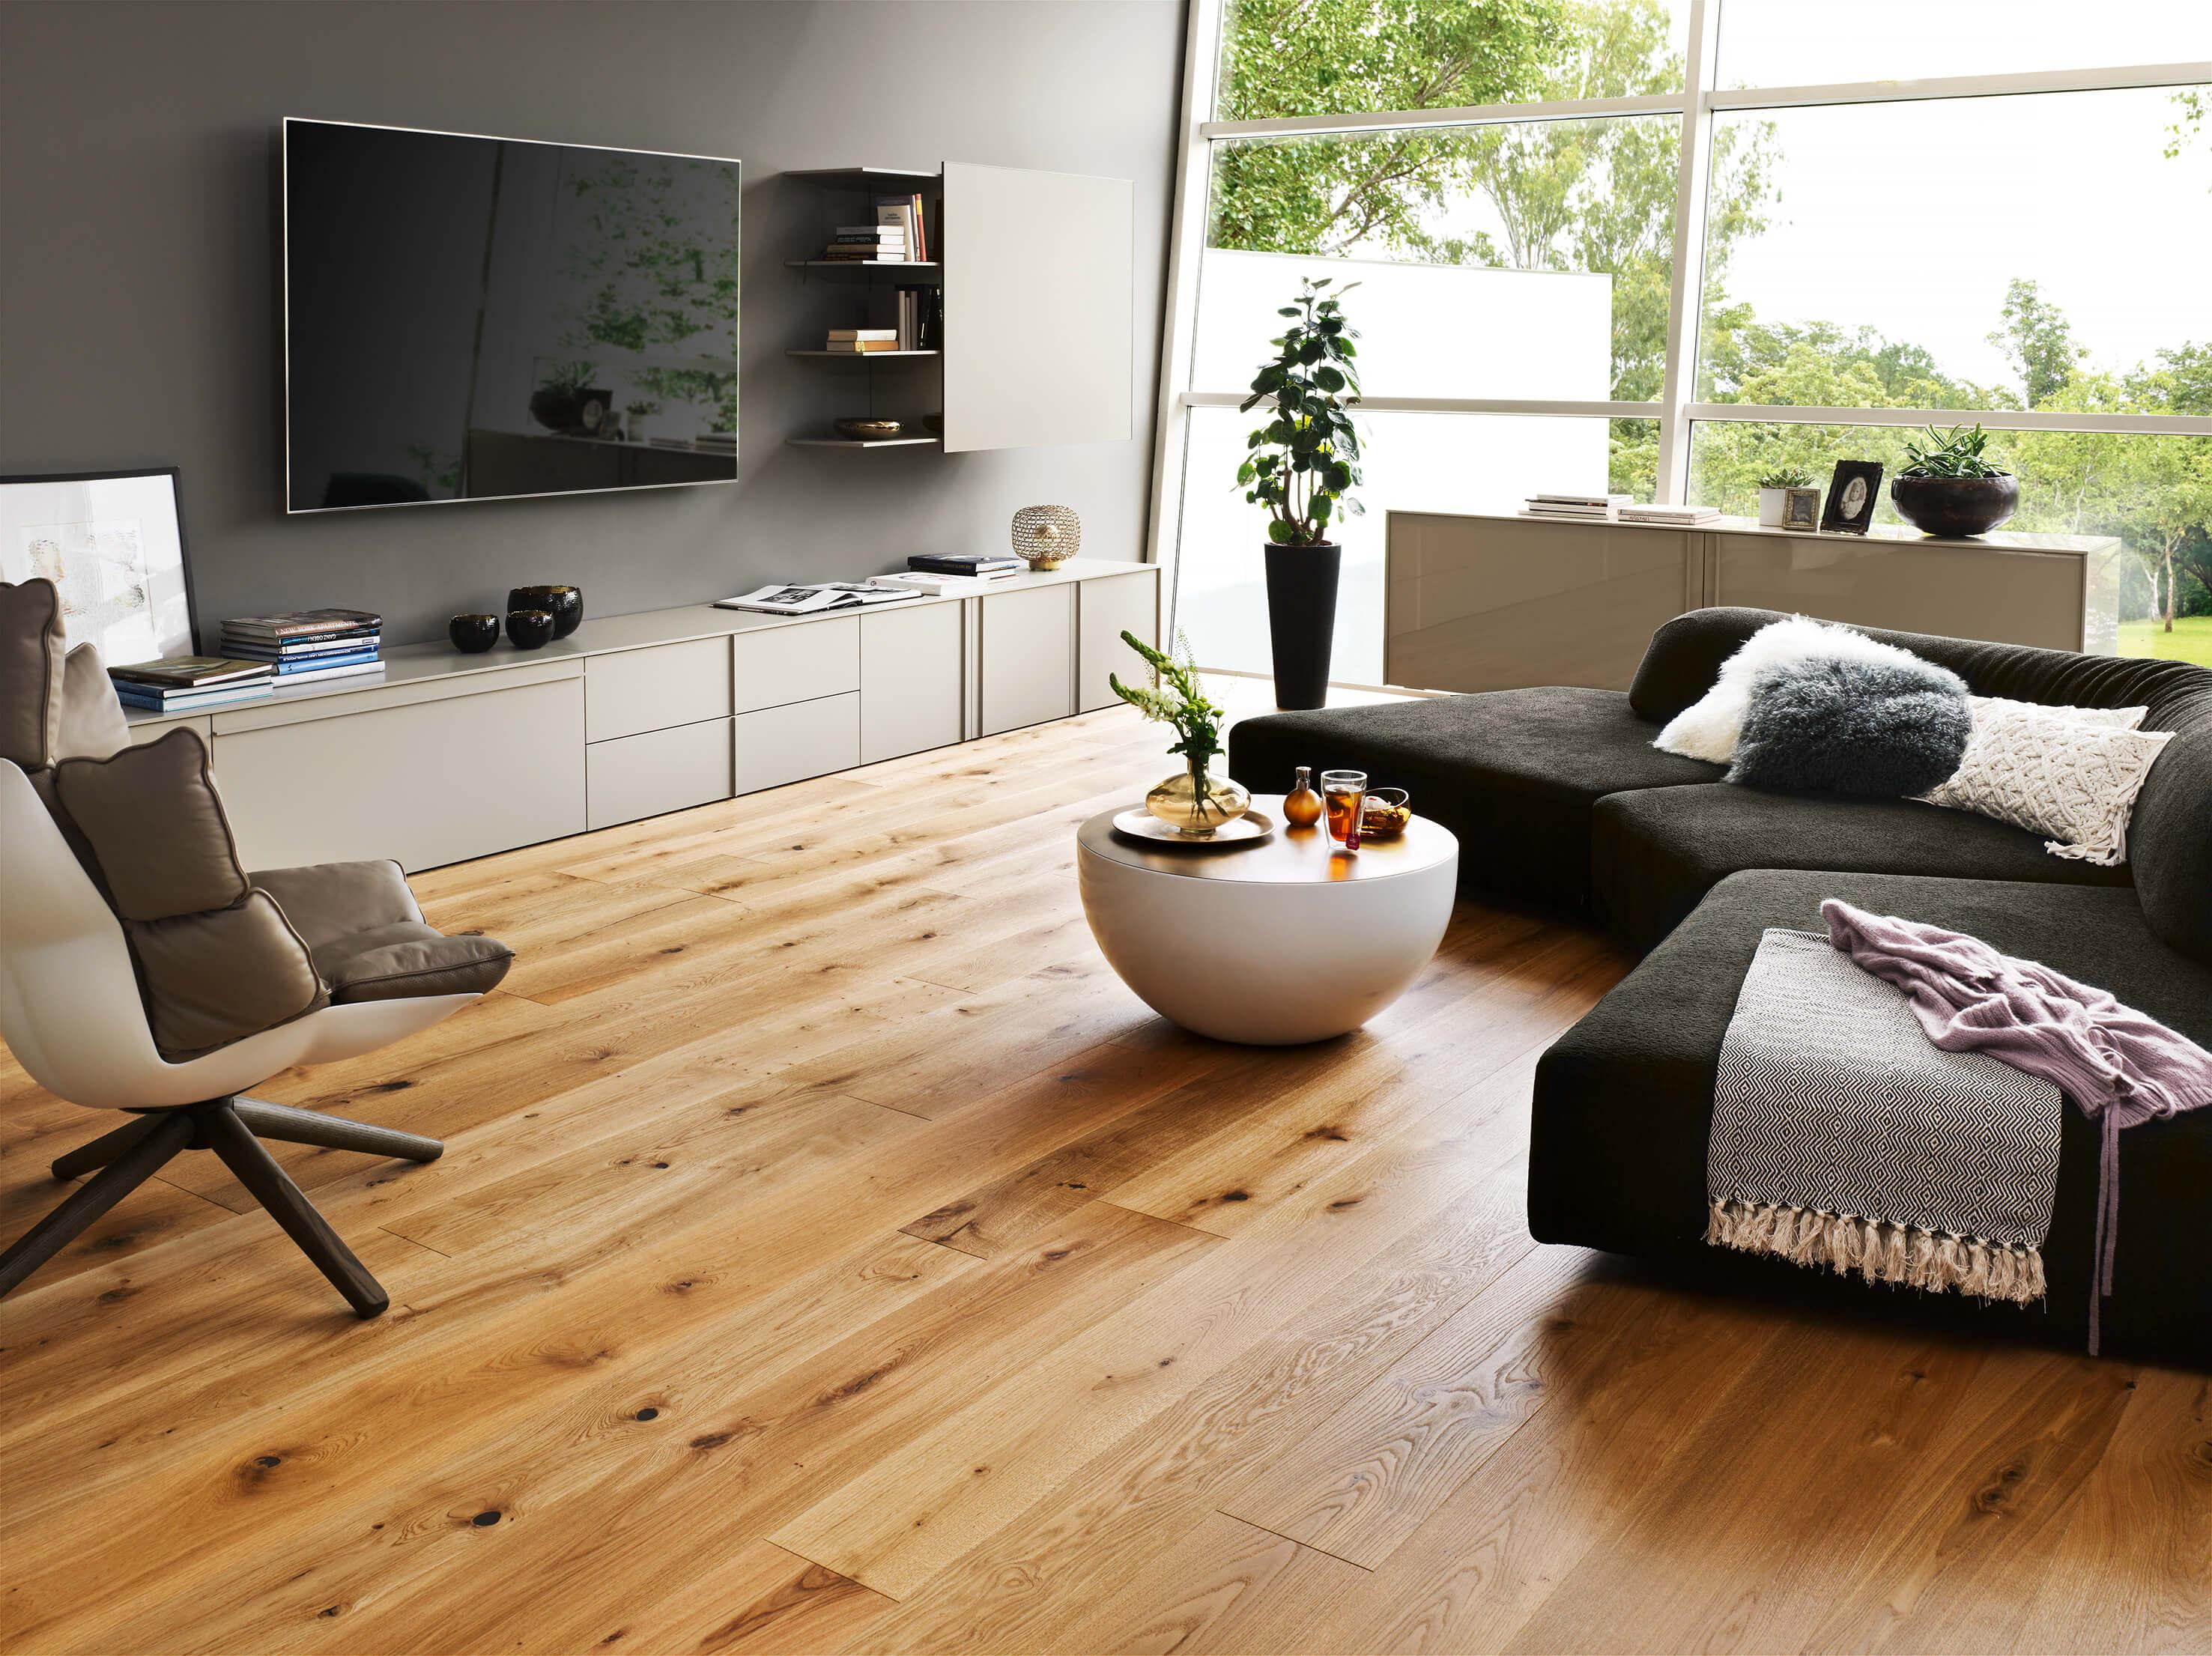 marcanto vario eiche natur 4v large amb l1325. Black Bedroom Furniture Sets. Home Design Ideas